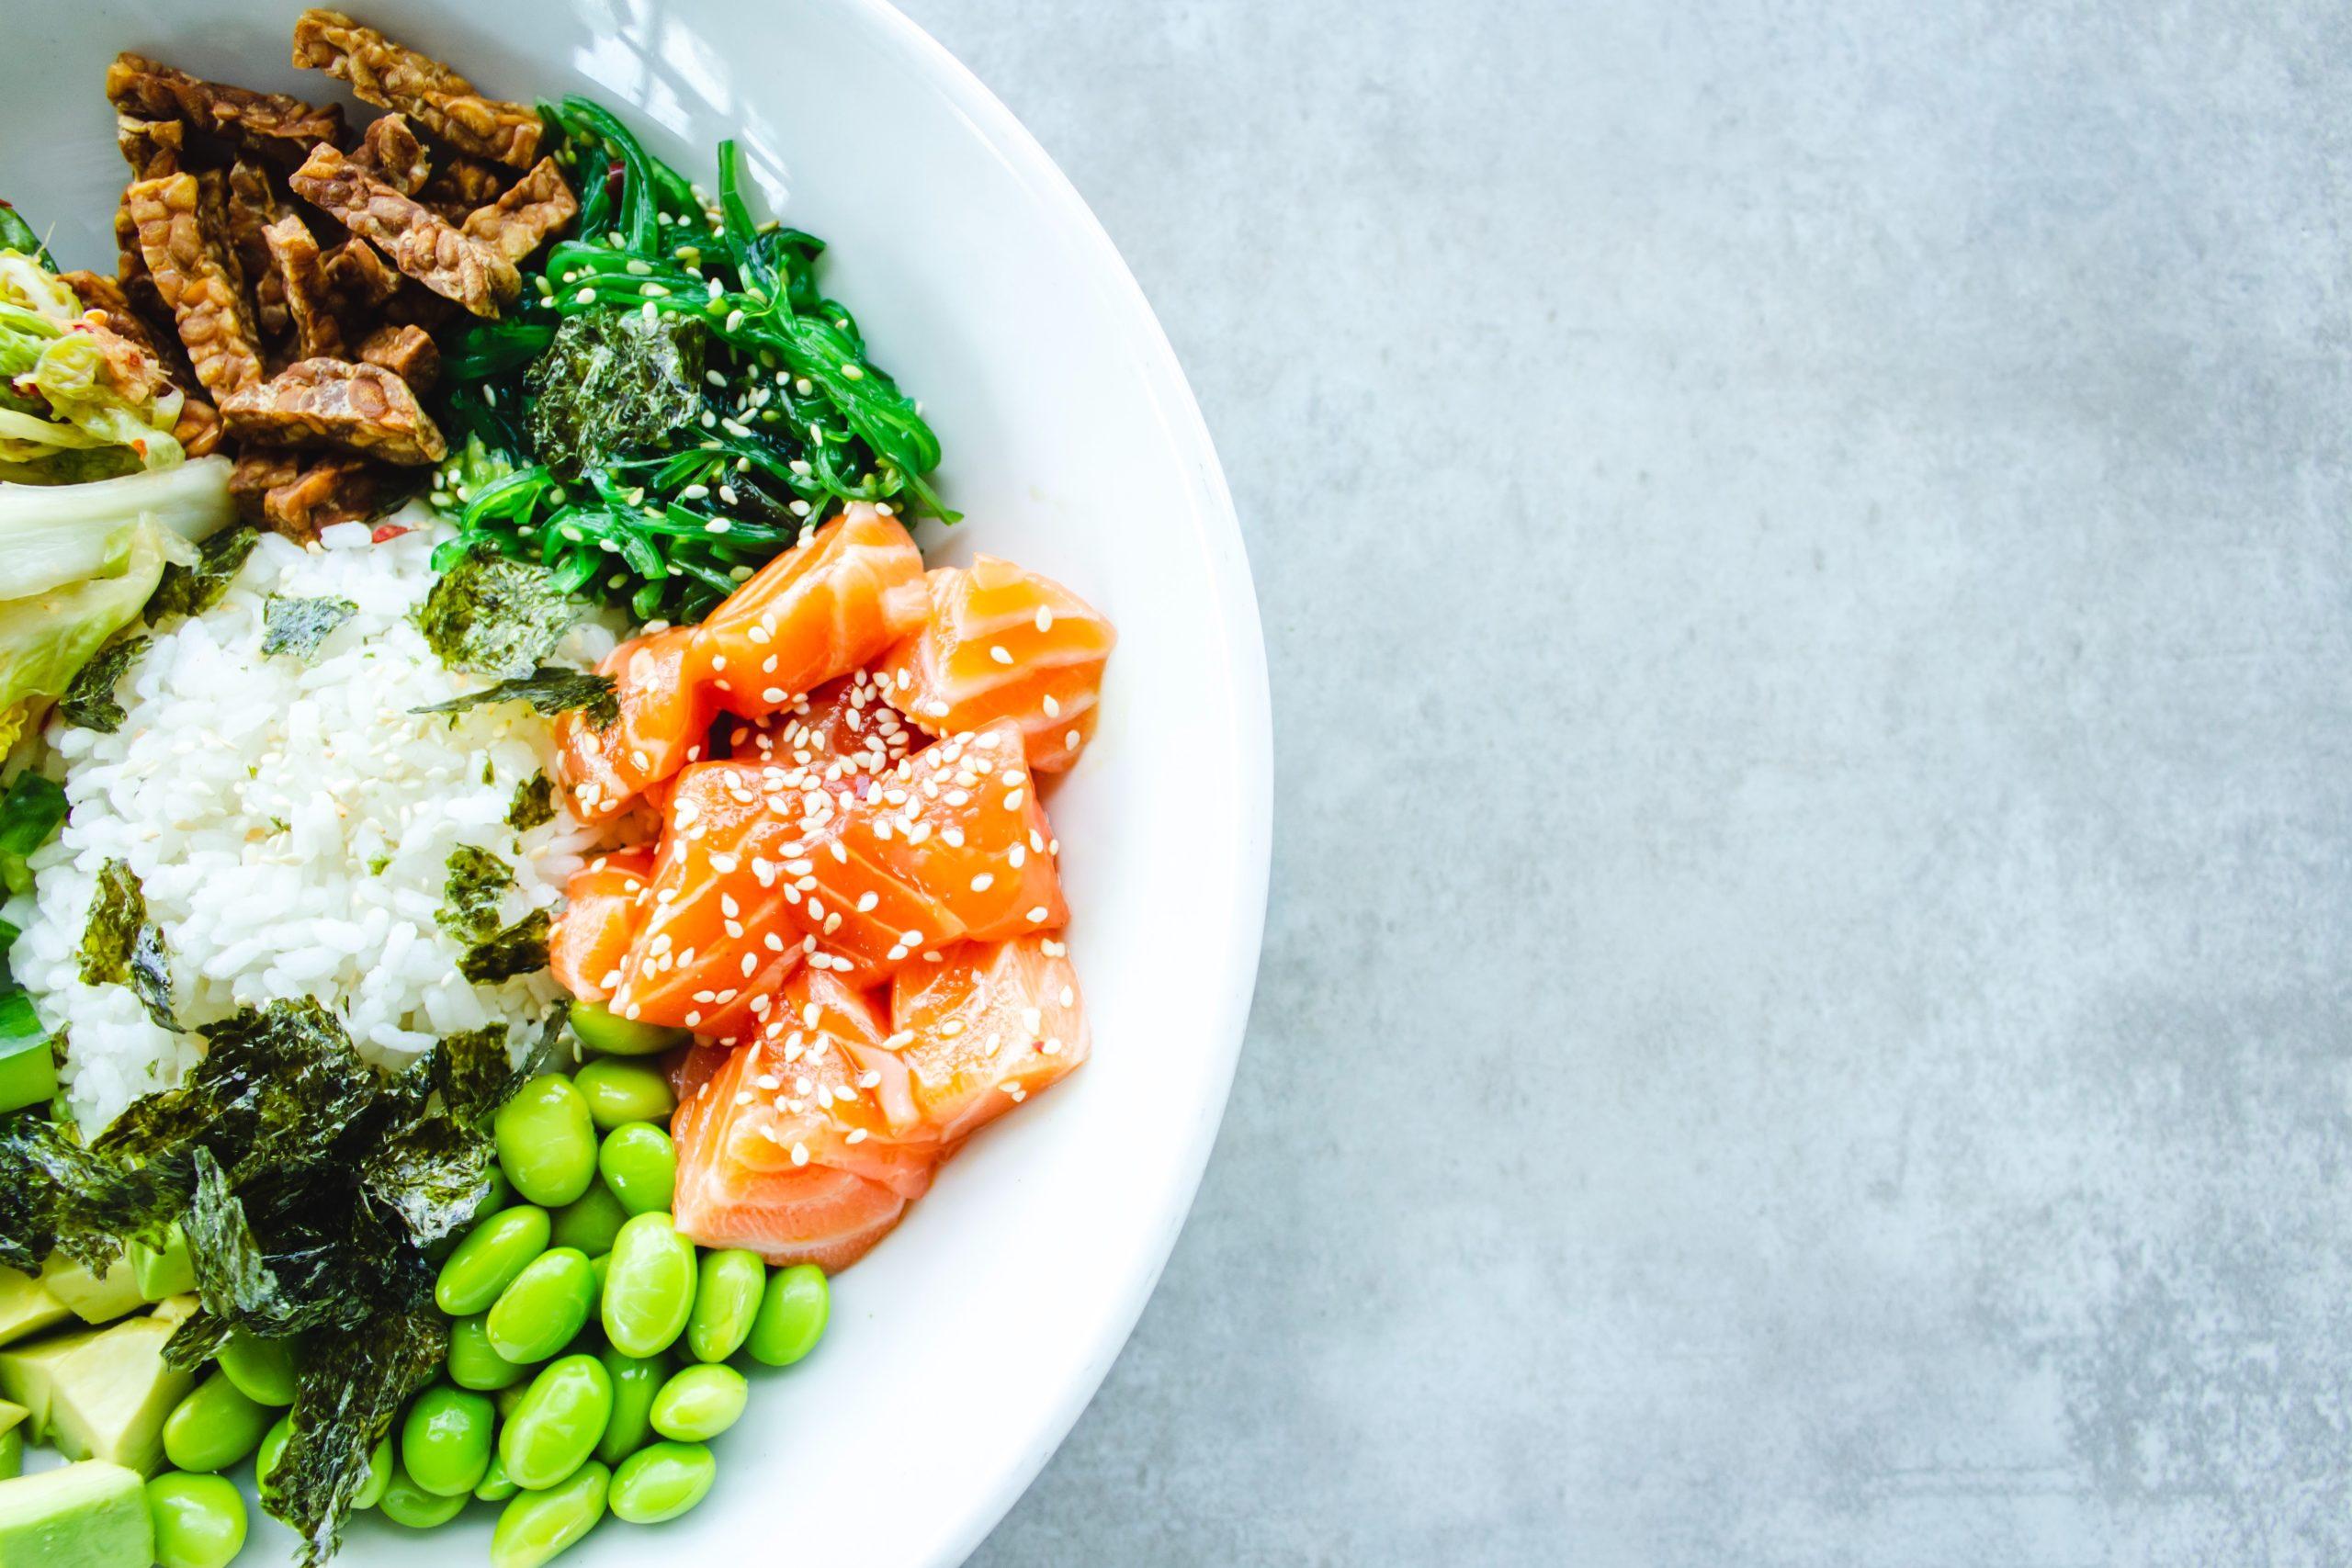 Gesund essen — kalorienarme Gerichte, die einfach zu kochen sind